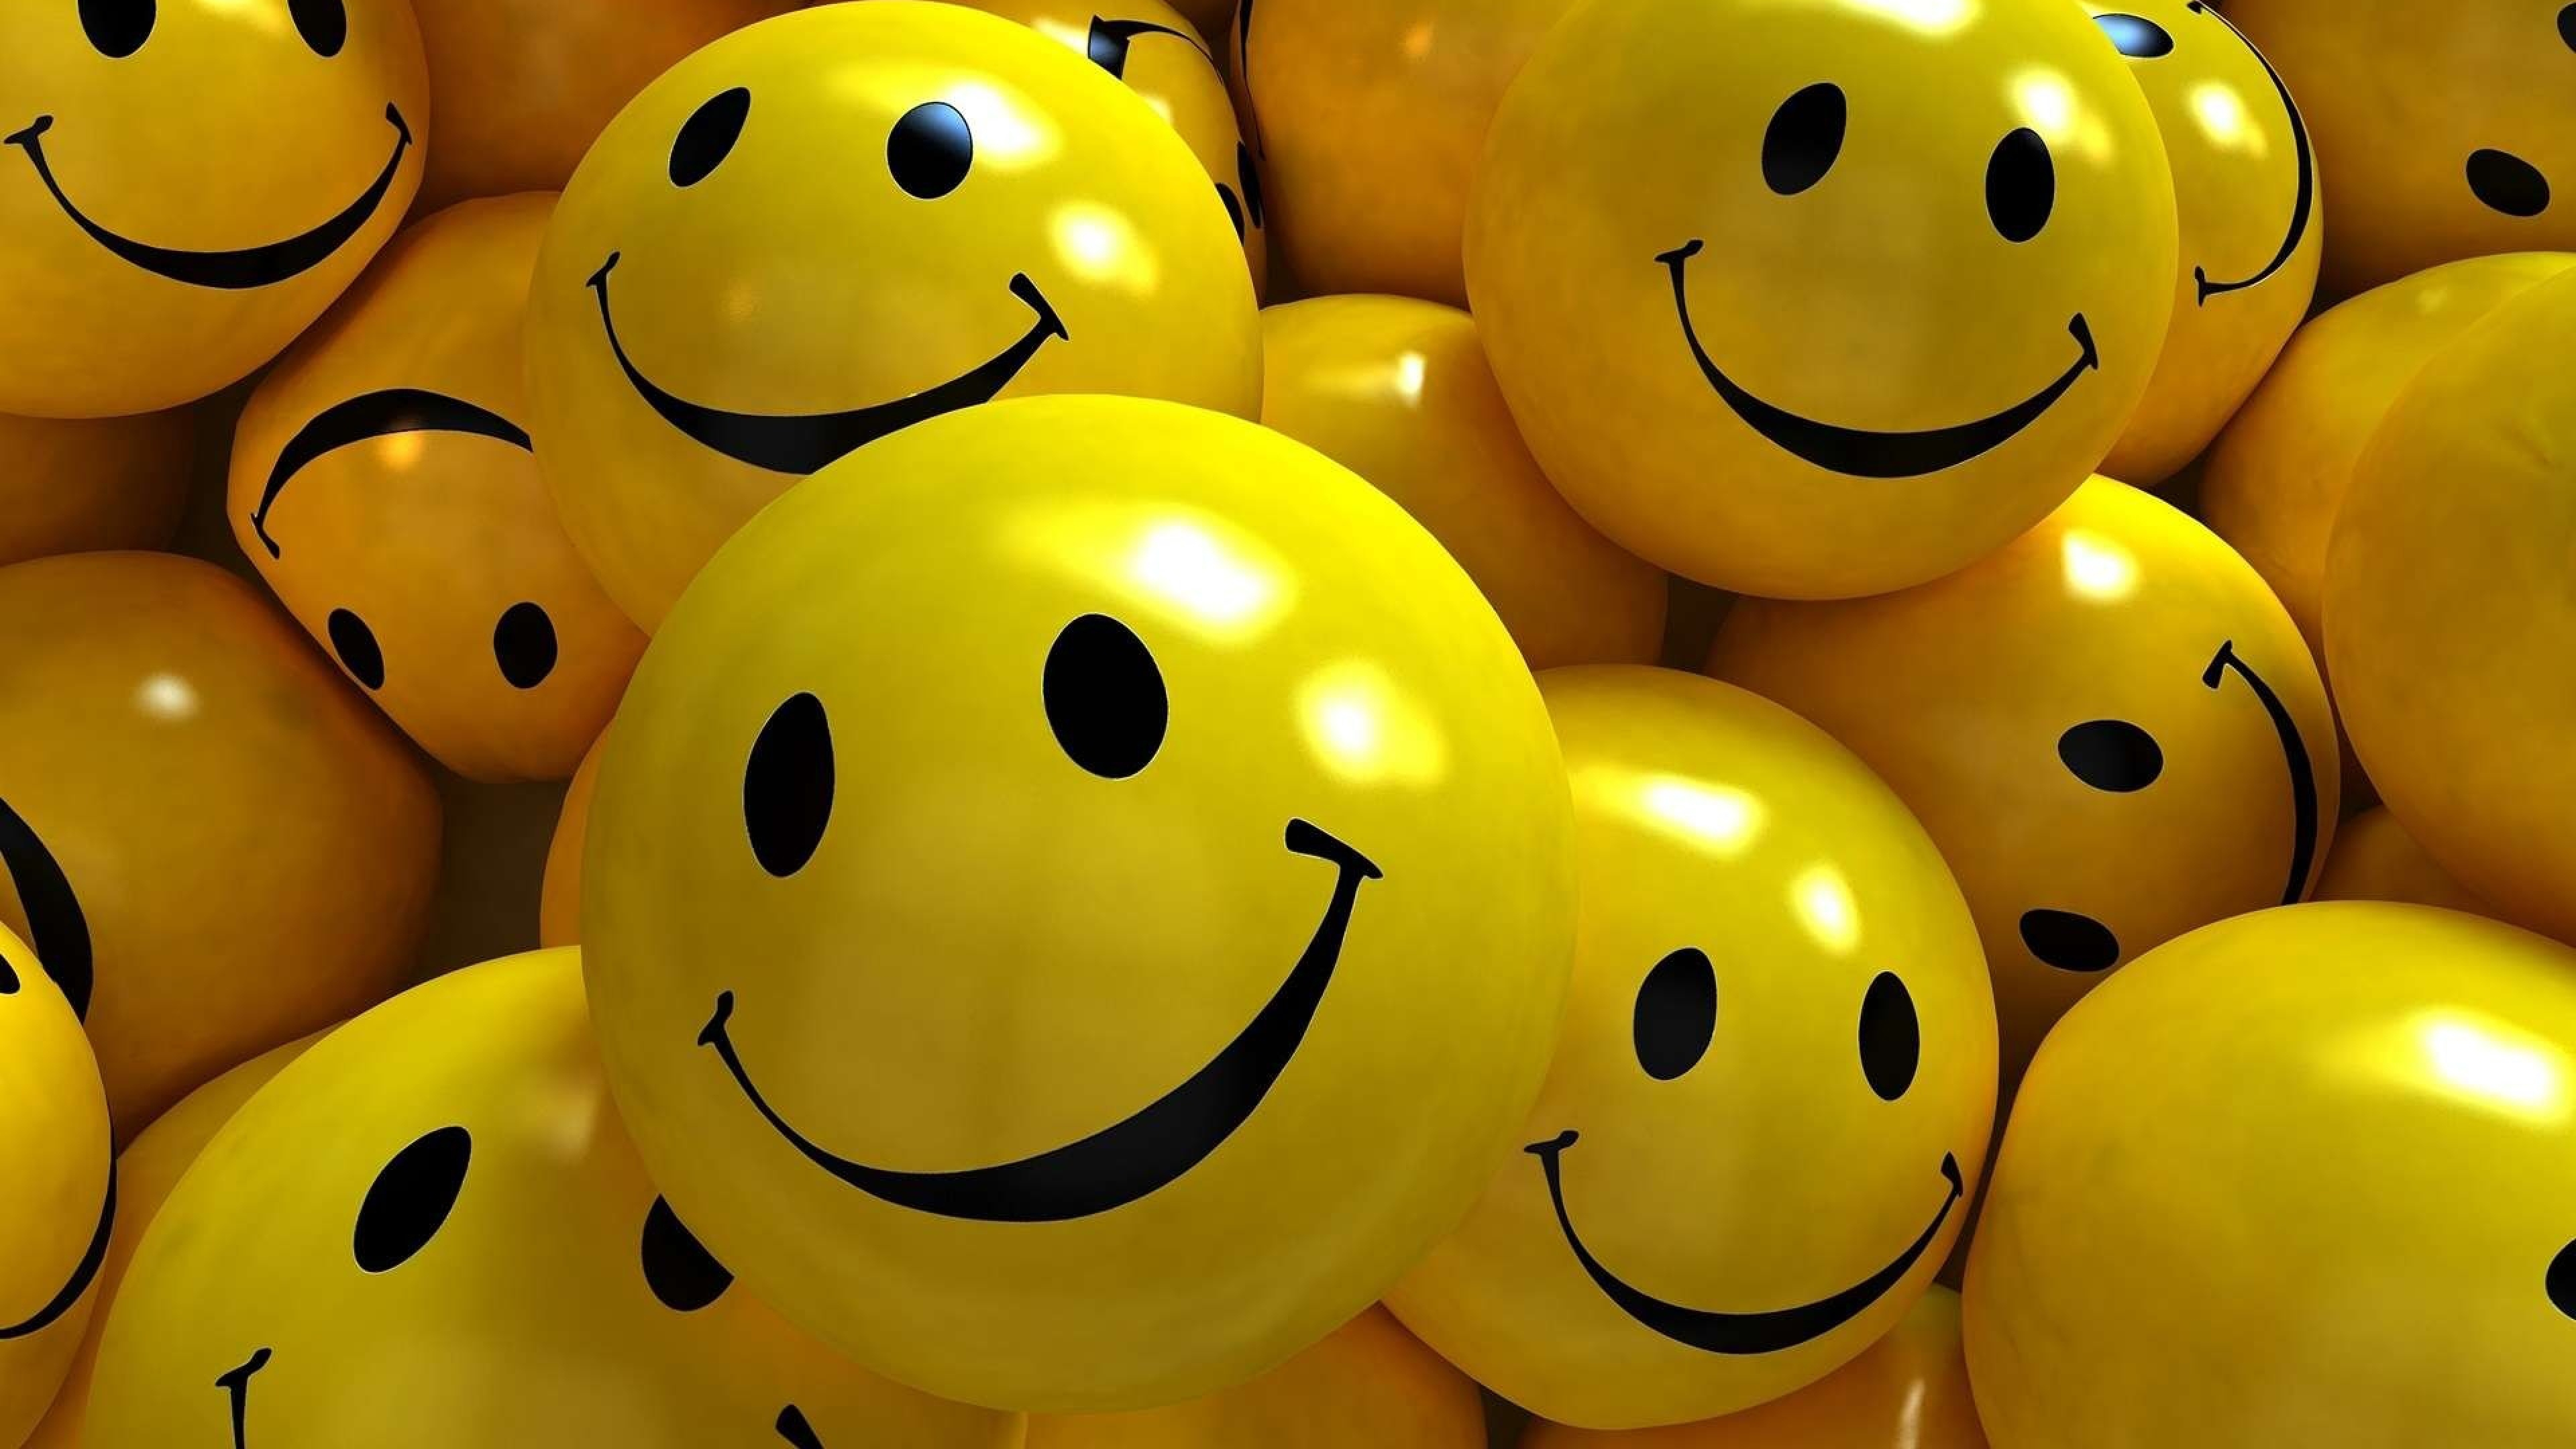 Smile-Wallpaper-anni 80-estate-ridere-sorridere-giallo-pantone-concerti-vasco-smile